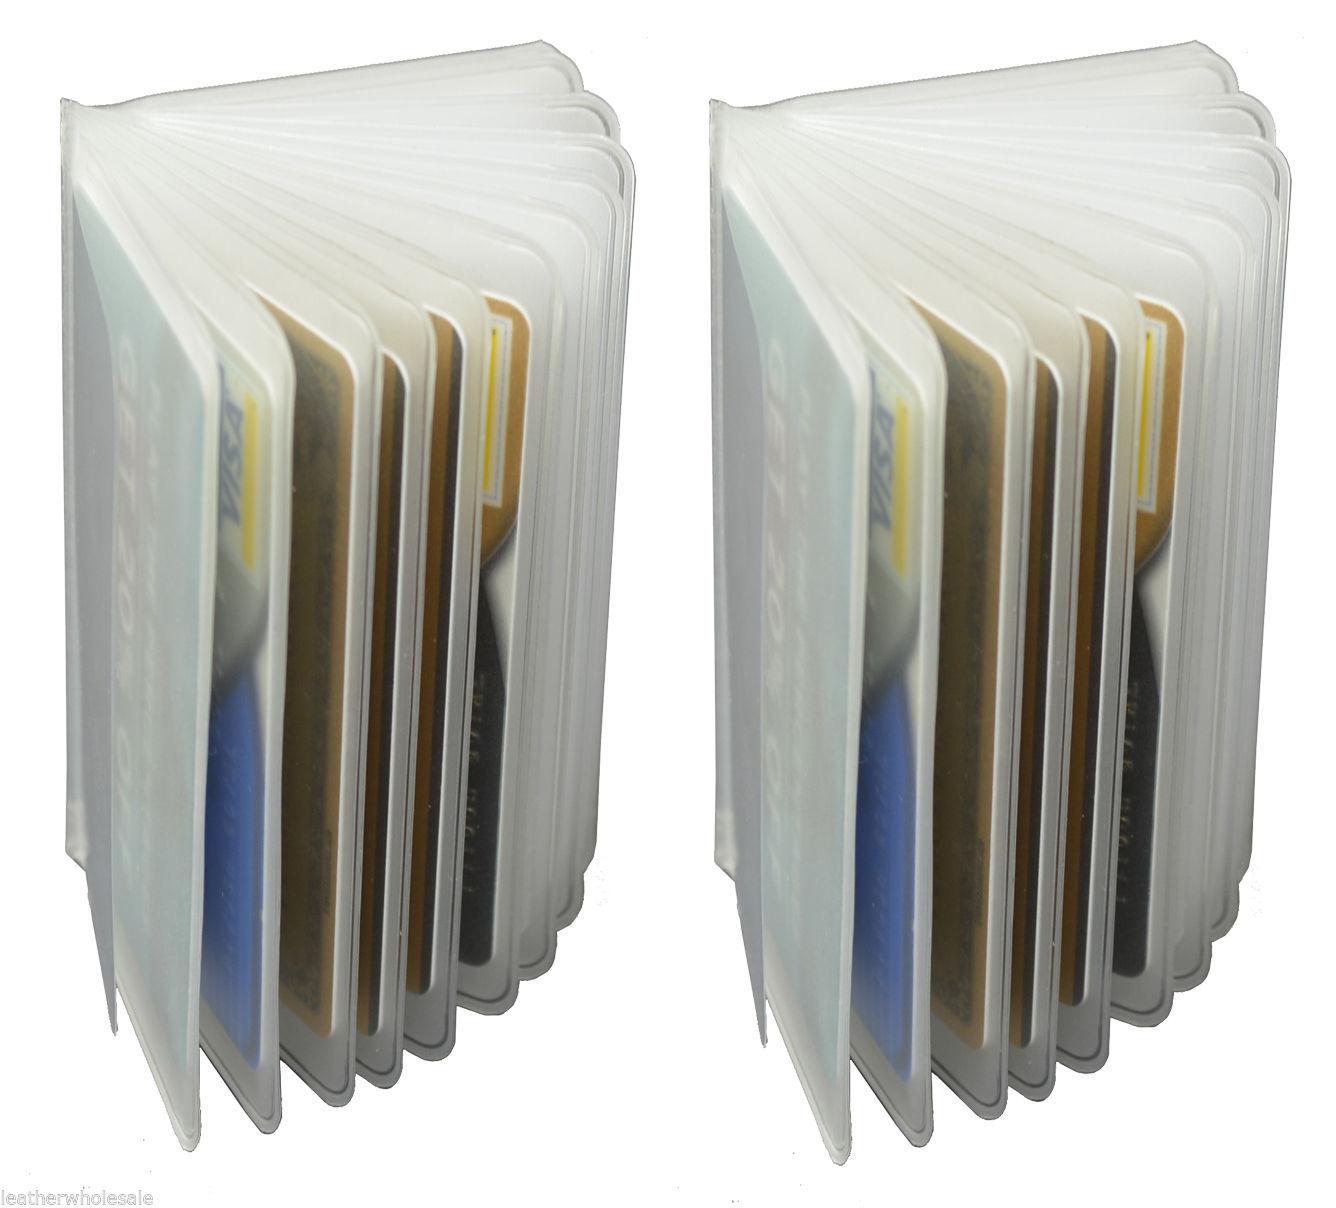 2 Klarer Kunststoff Ersatz Einsätze Bild Karte Halter Für Dreifach Faltbar Etui